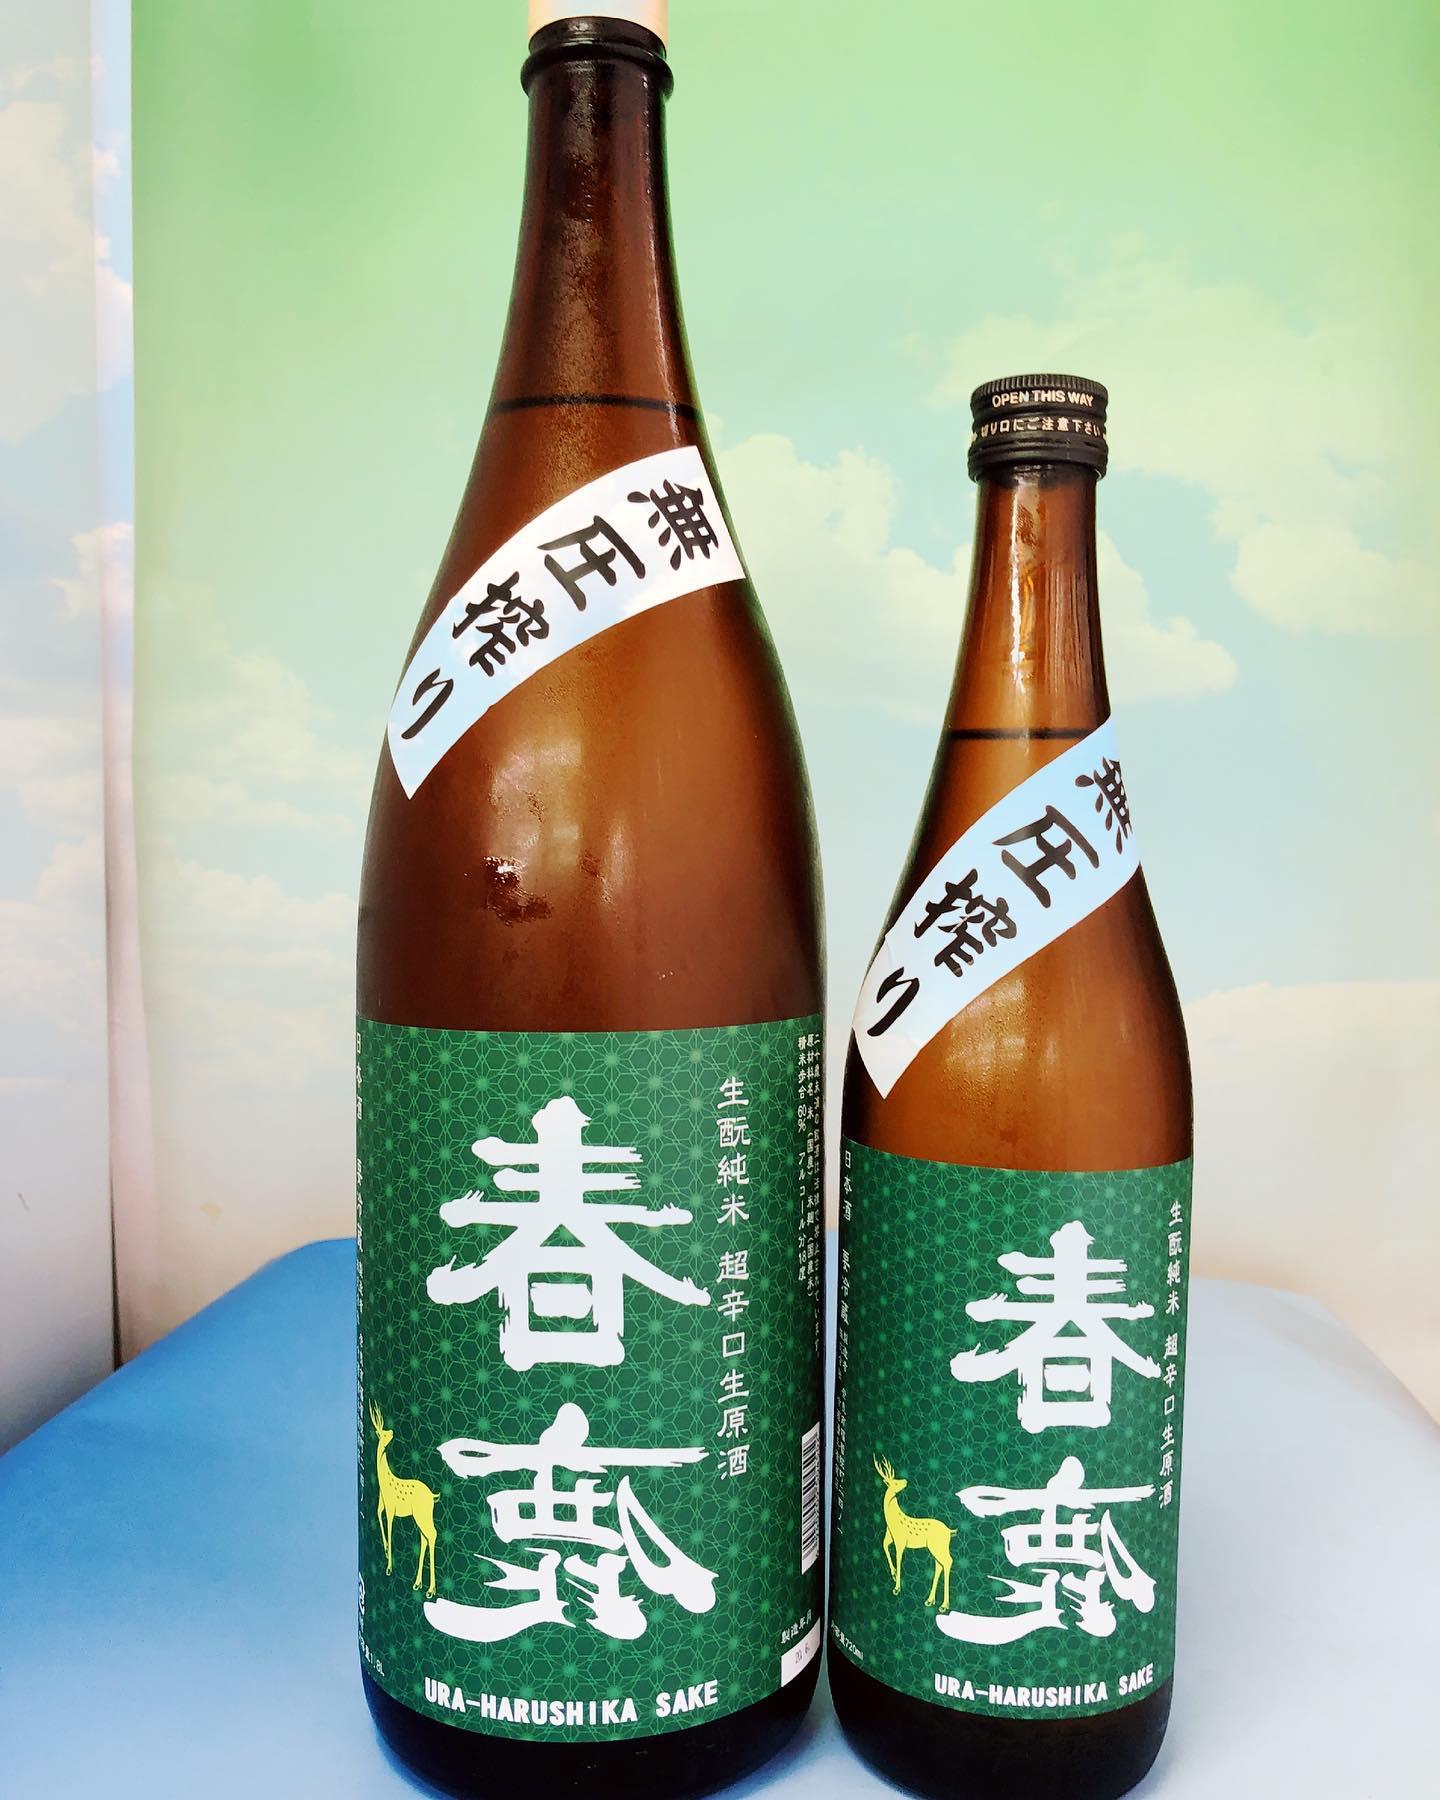 ウラ春鹿 生もと純米中取り 超辛口生原酒 入荷致しました。